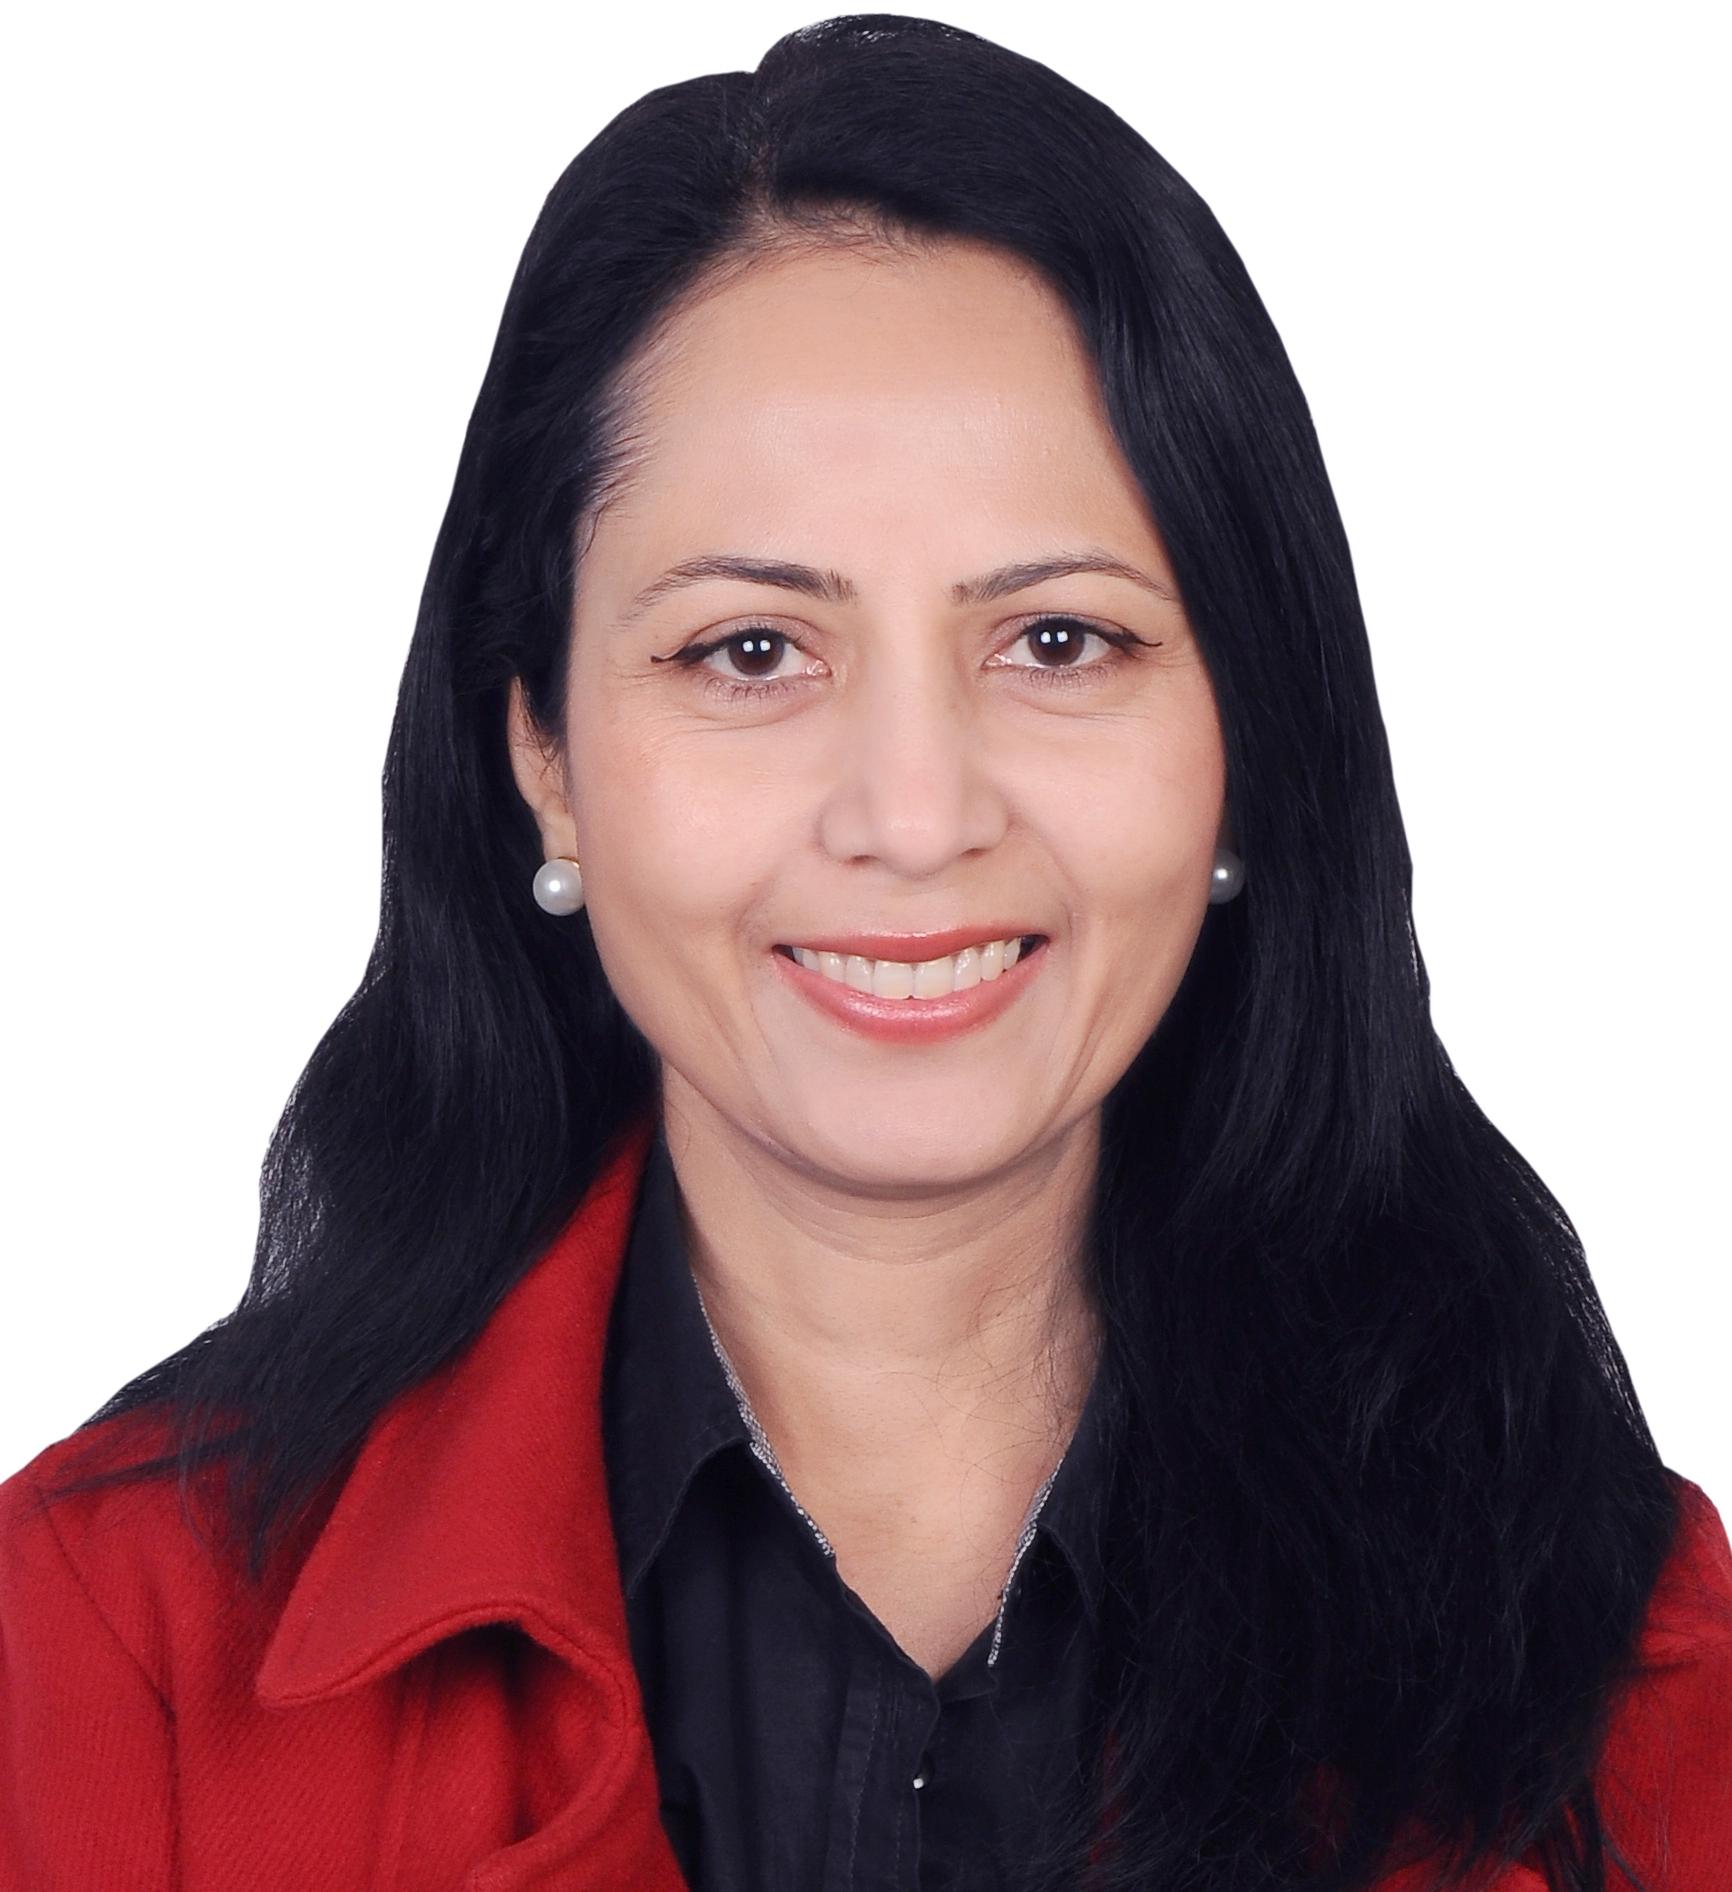 Ritu Bararia